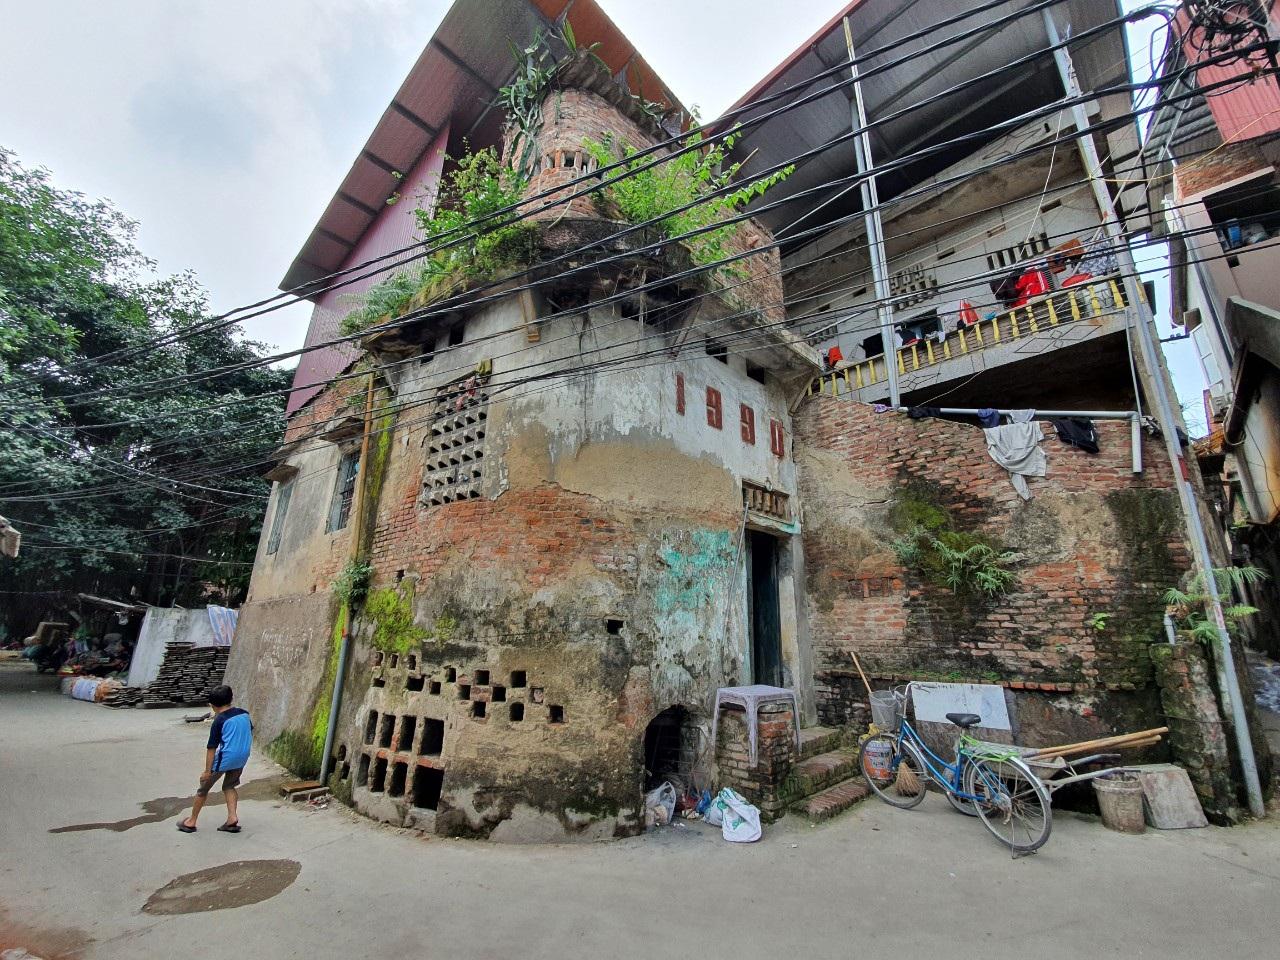 Kỳ lạ làng có những ngôi nhà xây bằng tiểu sành độc nhất ở Việt Nam - 2